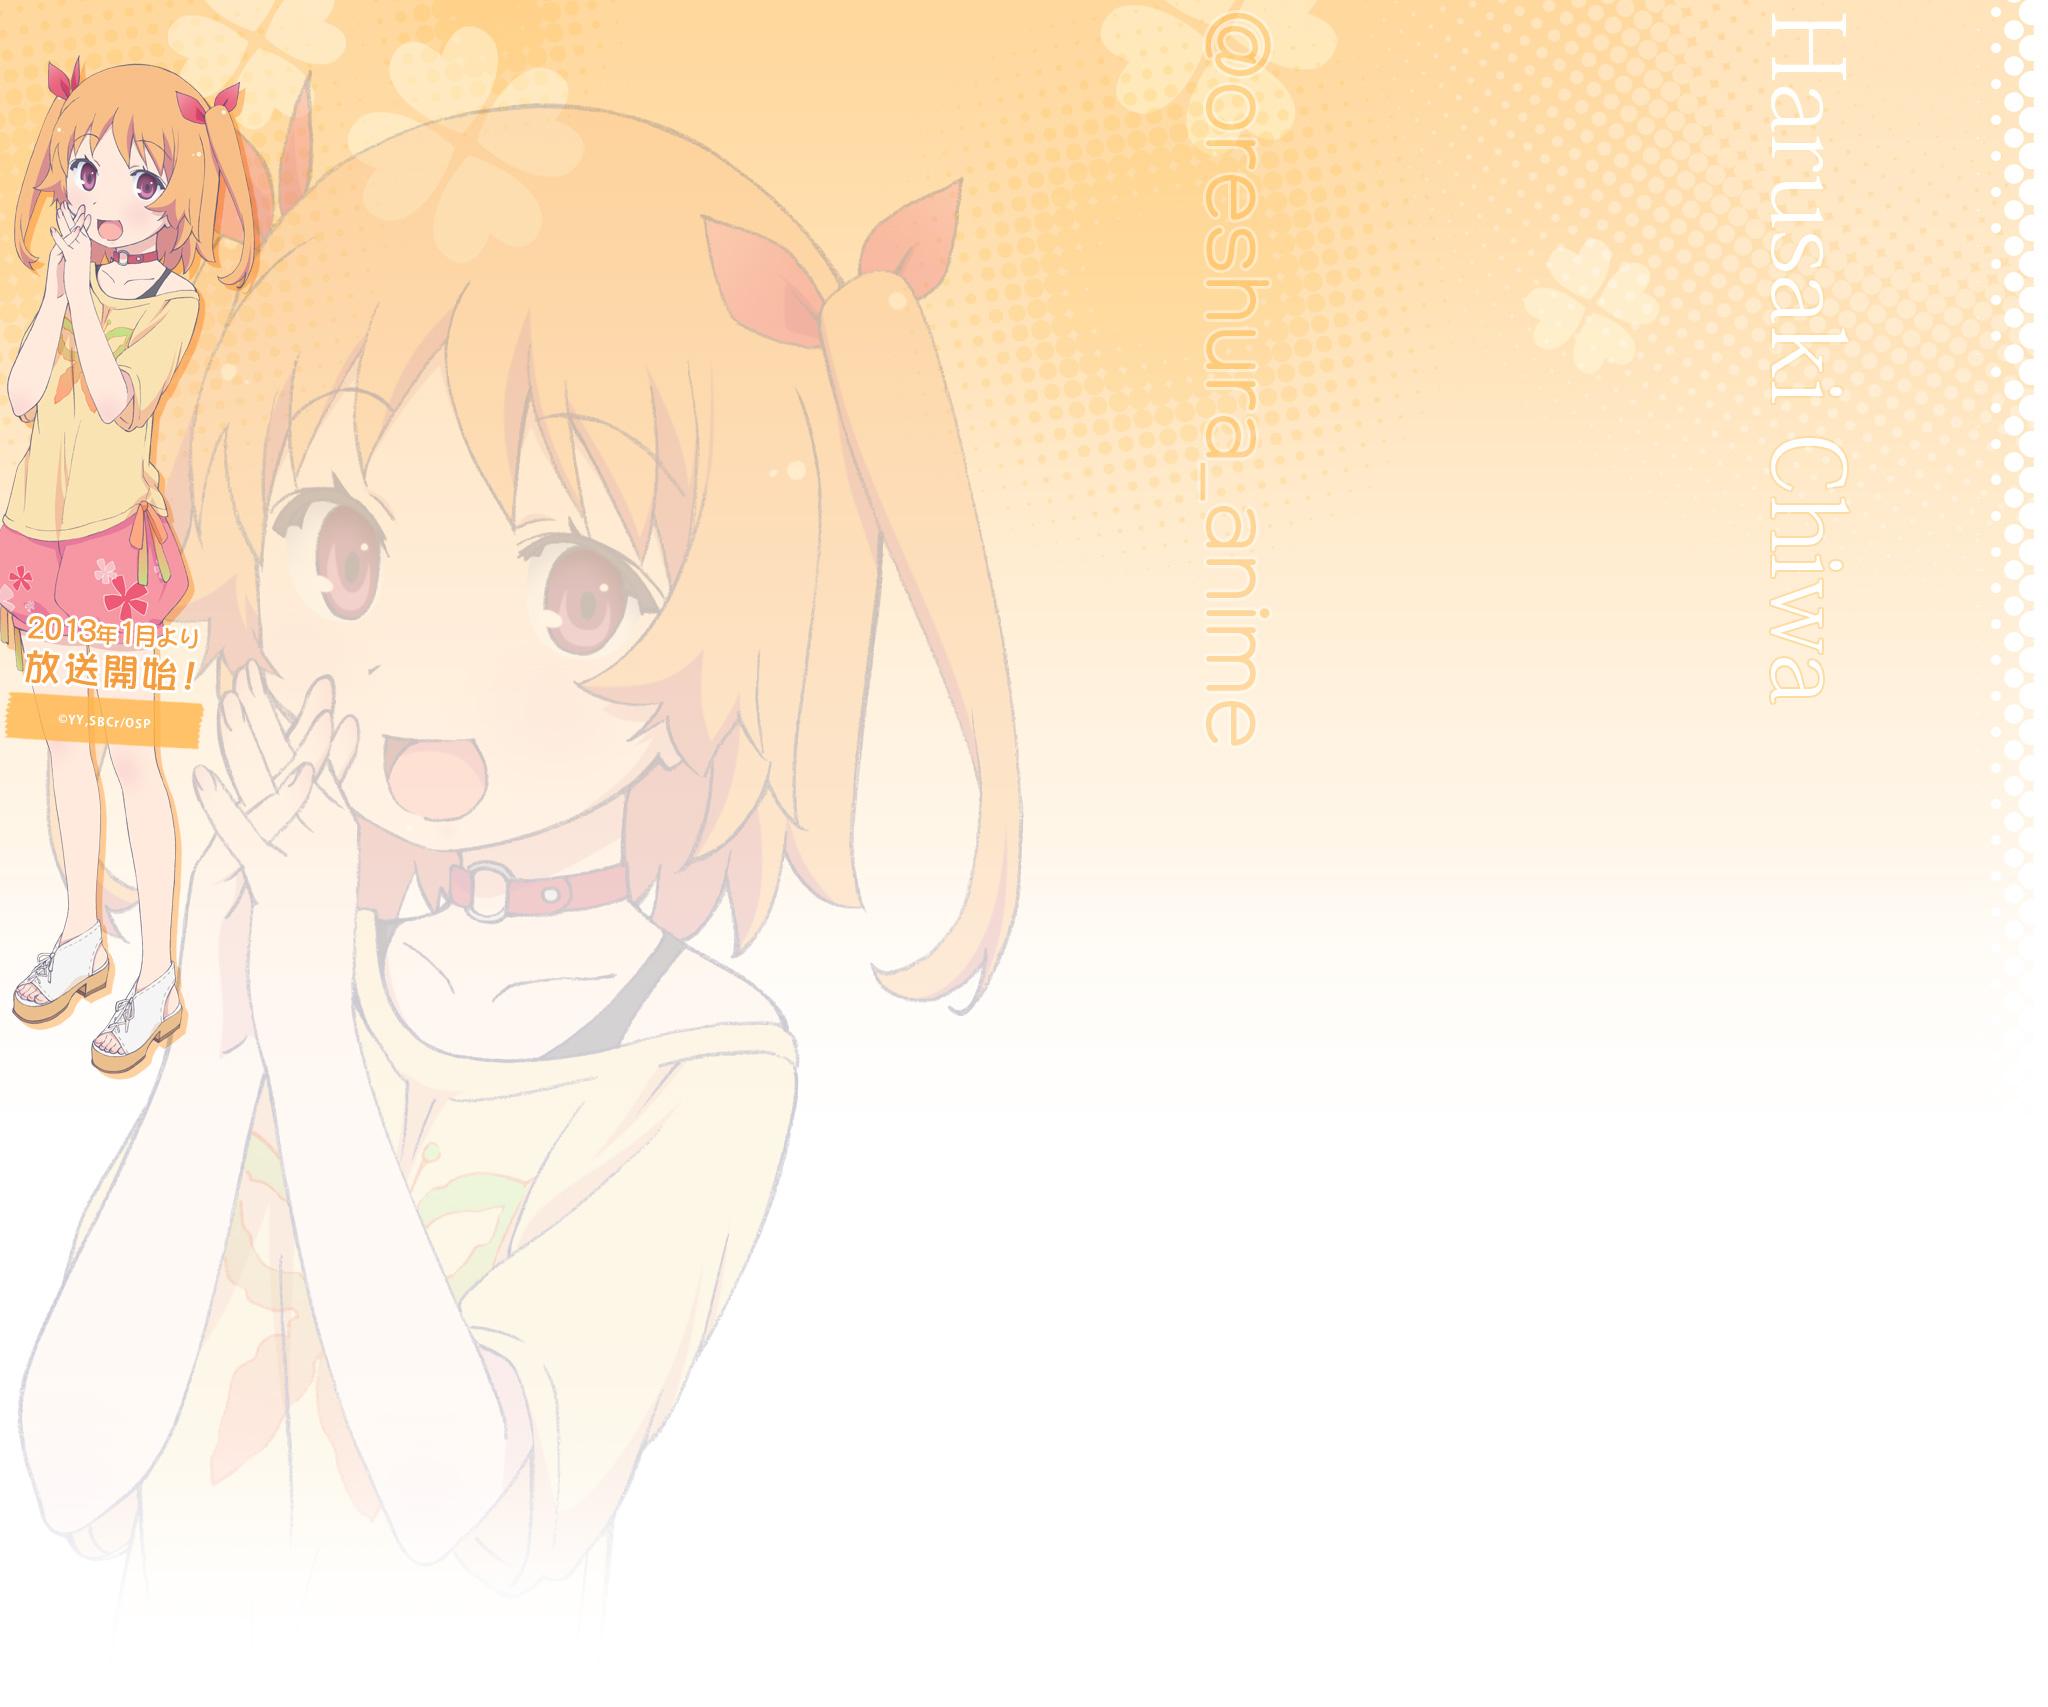 Chiwa Harusaki'... Chiwa Harusaki